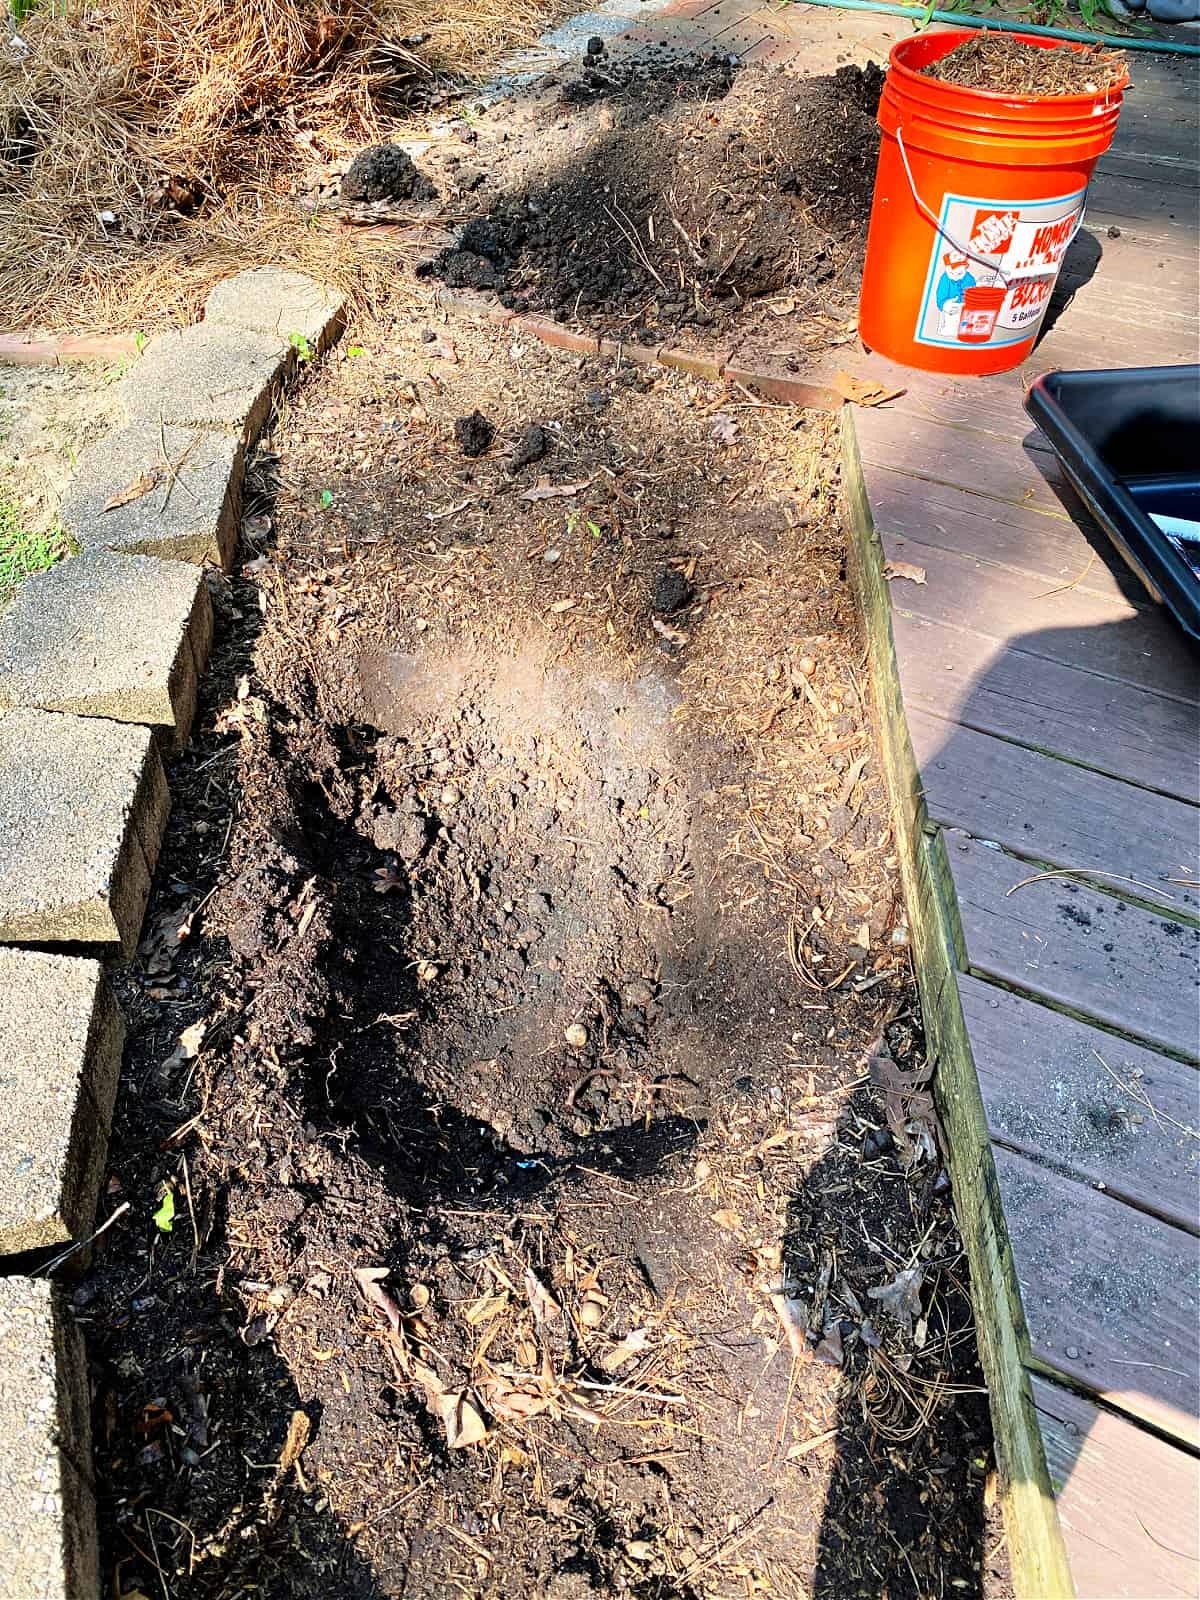 hole dug in dirt